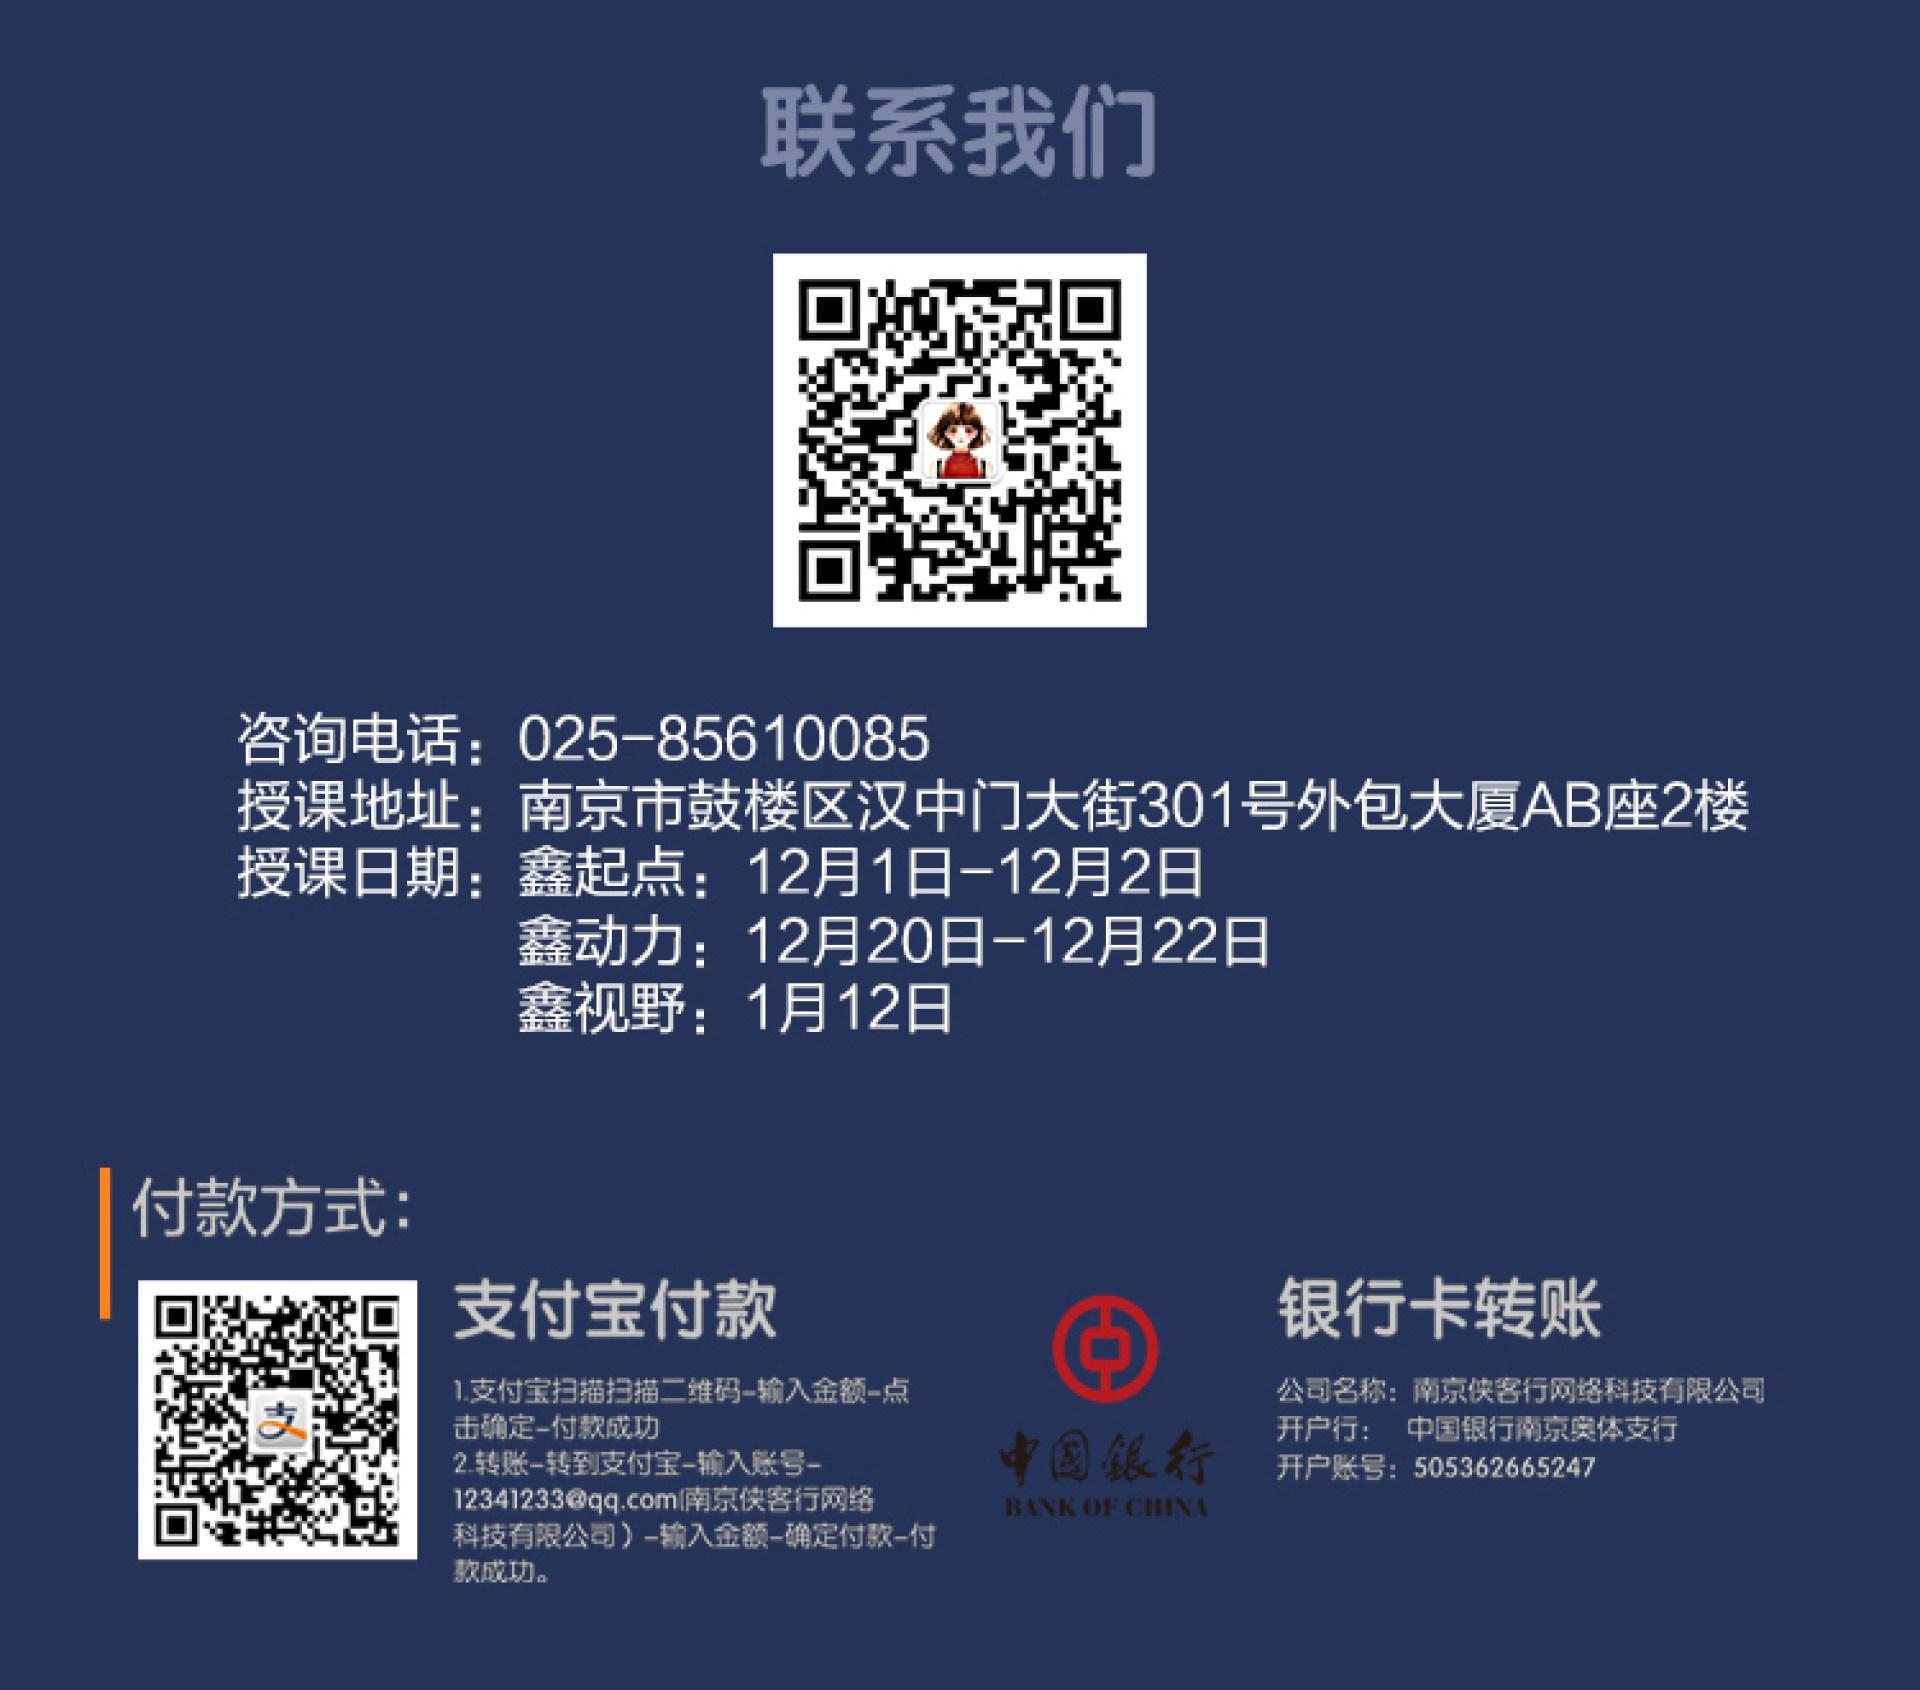 电商培训 淘宝大学 南京电商 南京培训 速卖通大学